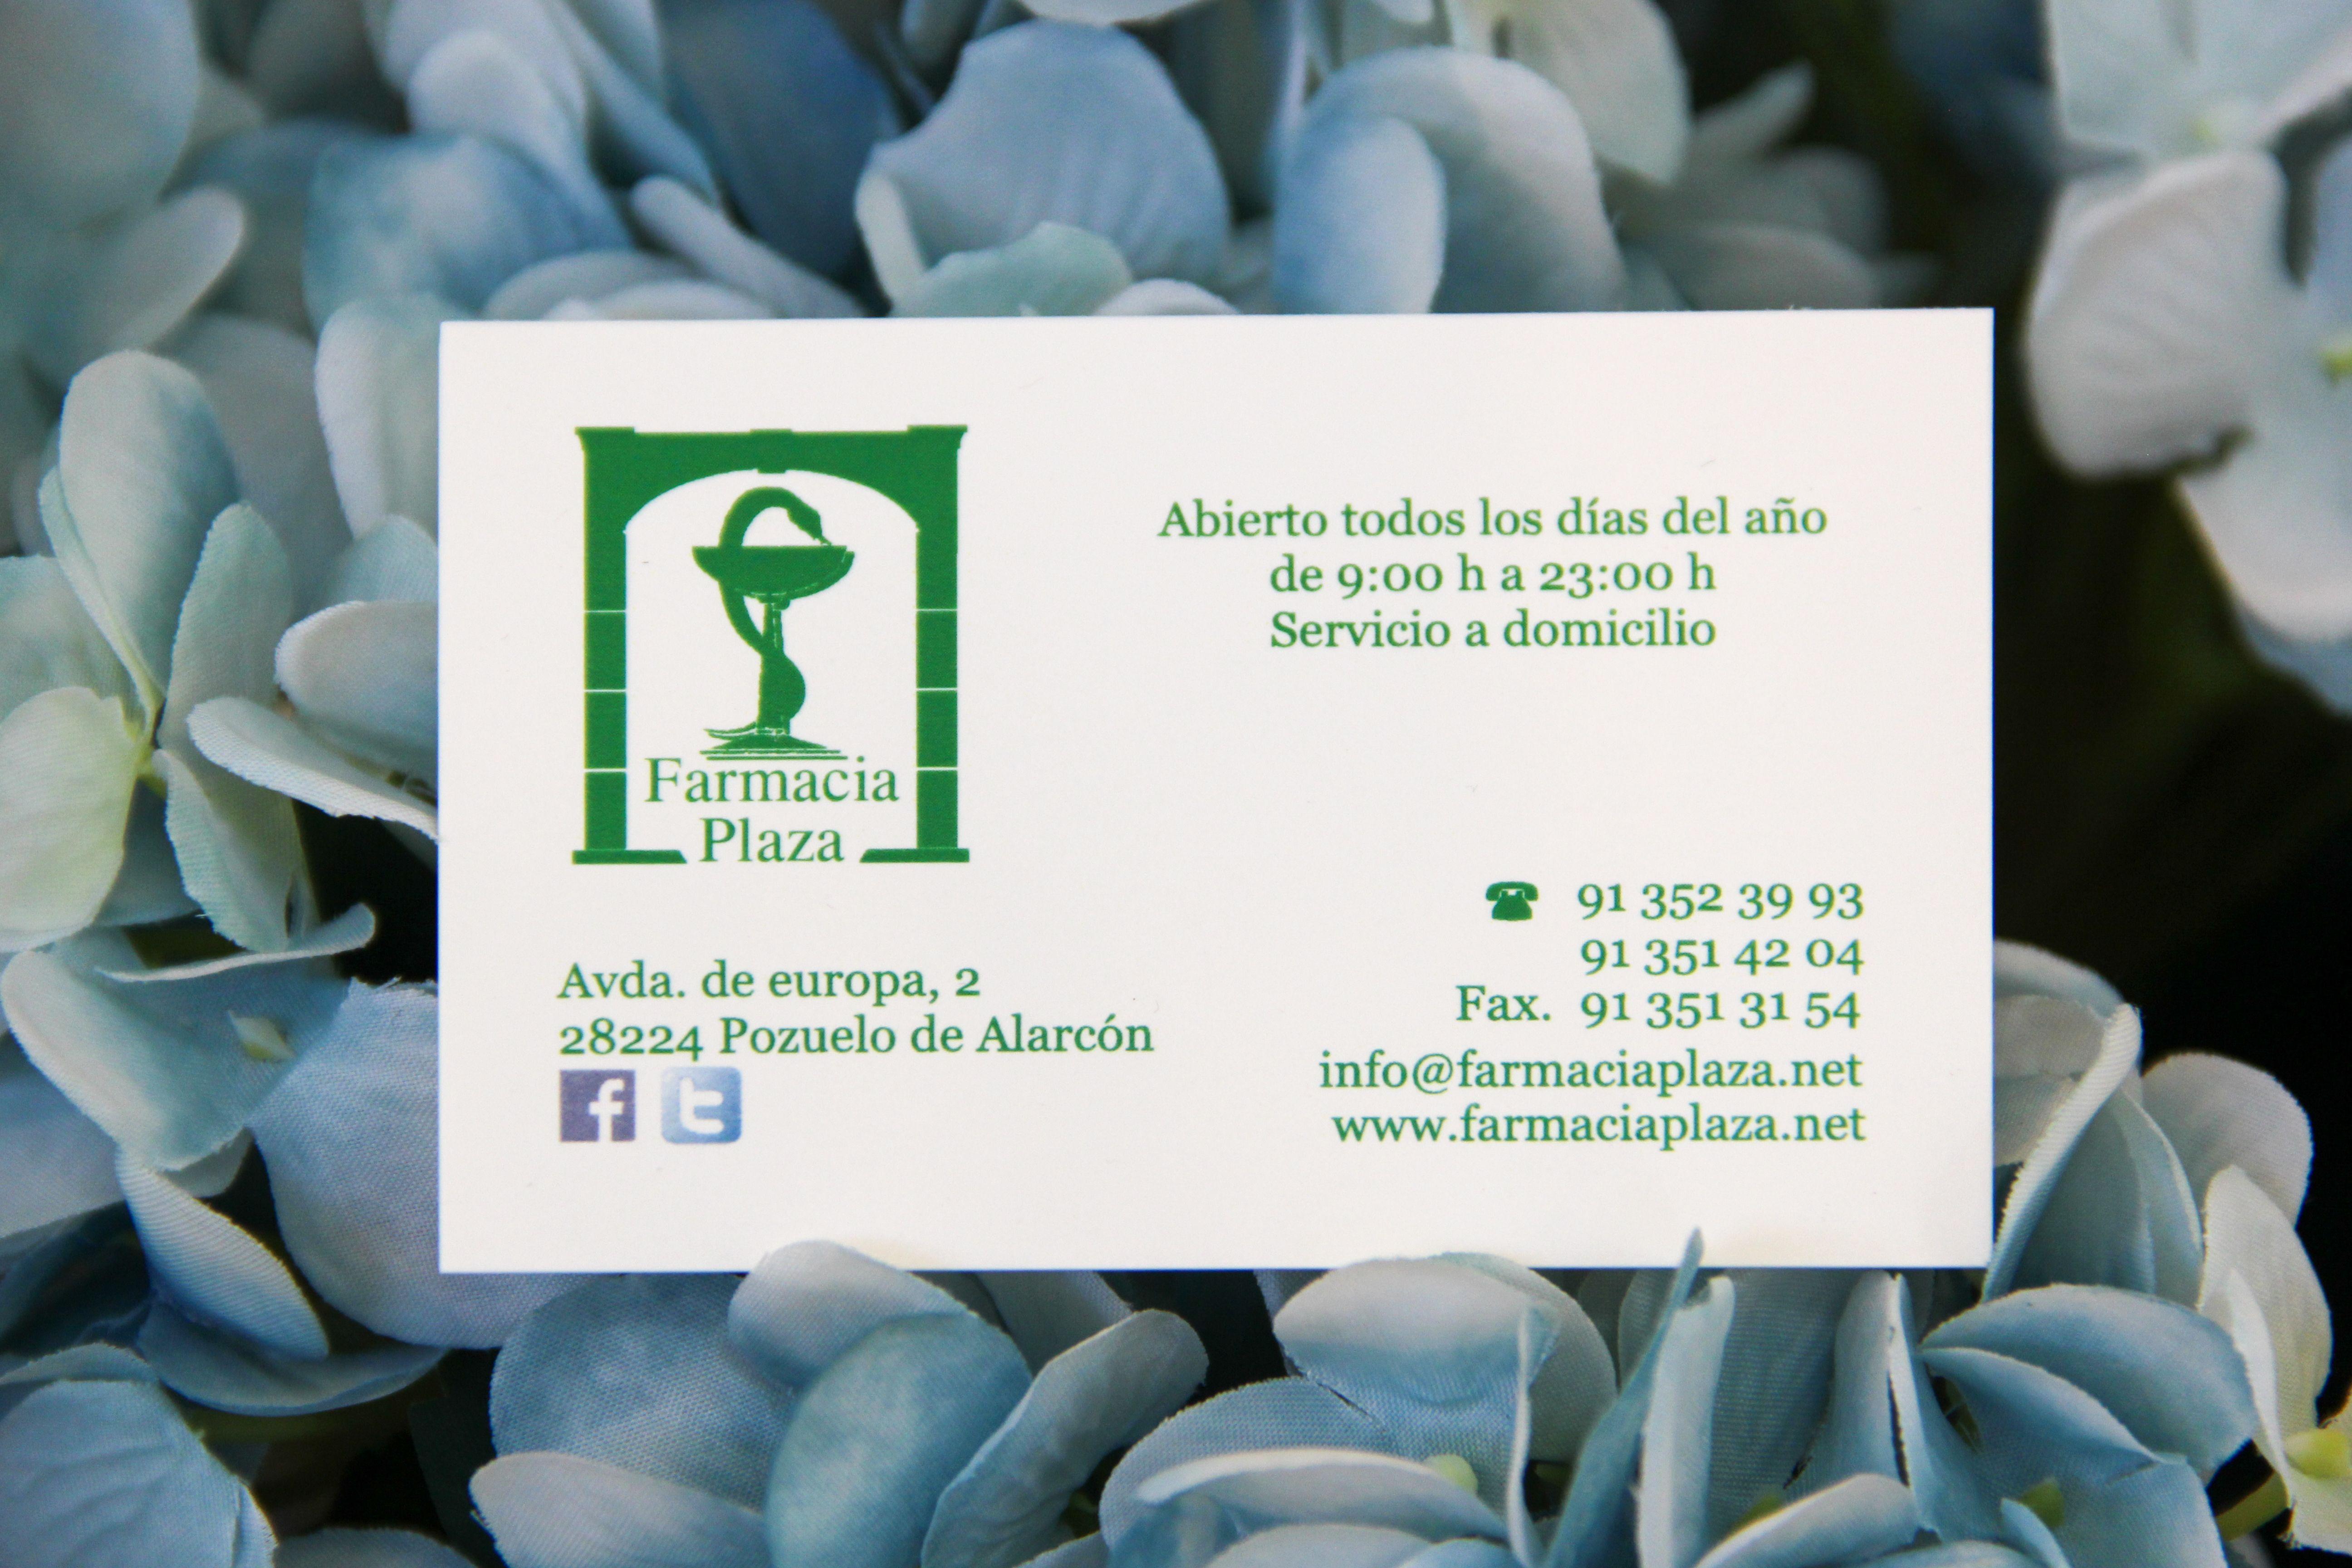 Foto 9 de Parafarmacia en Pozuelo de Alarcón | Farmacia Plaza